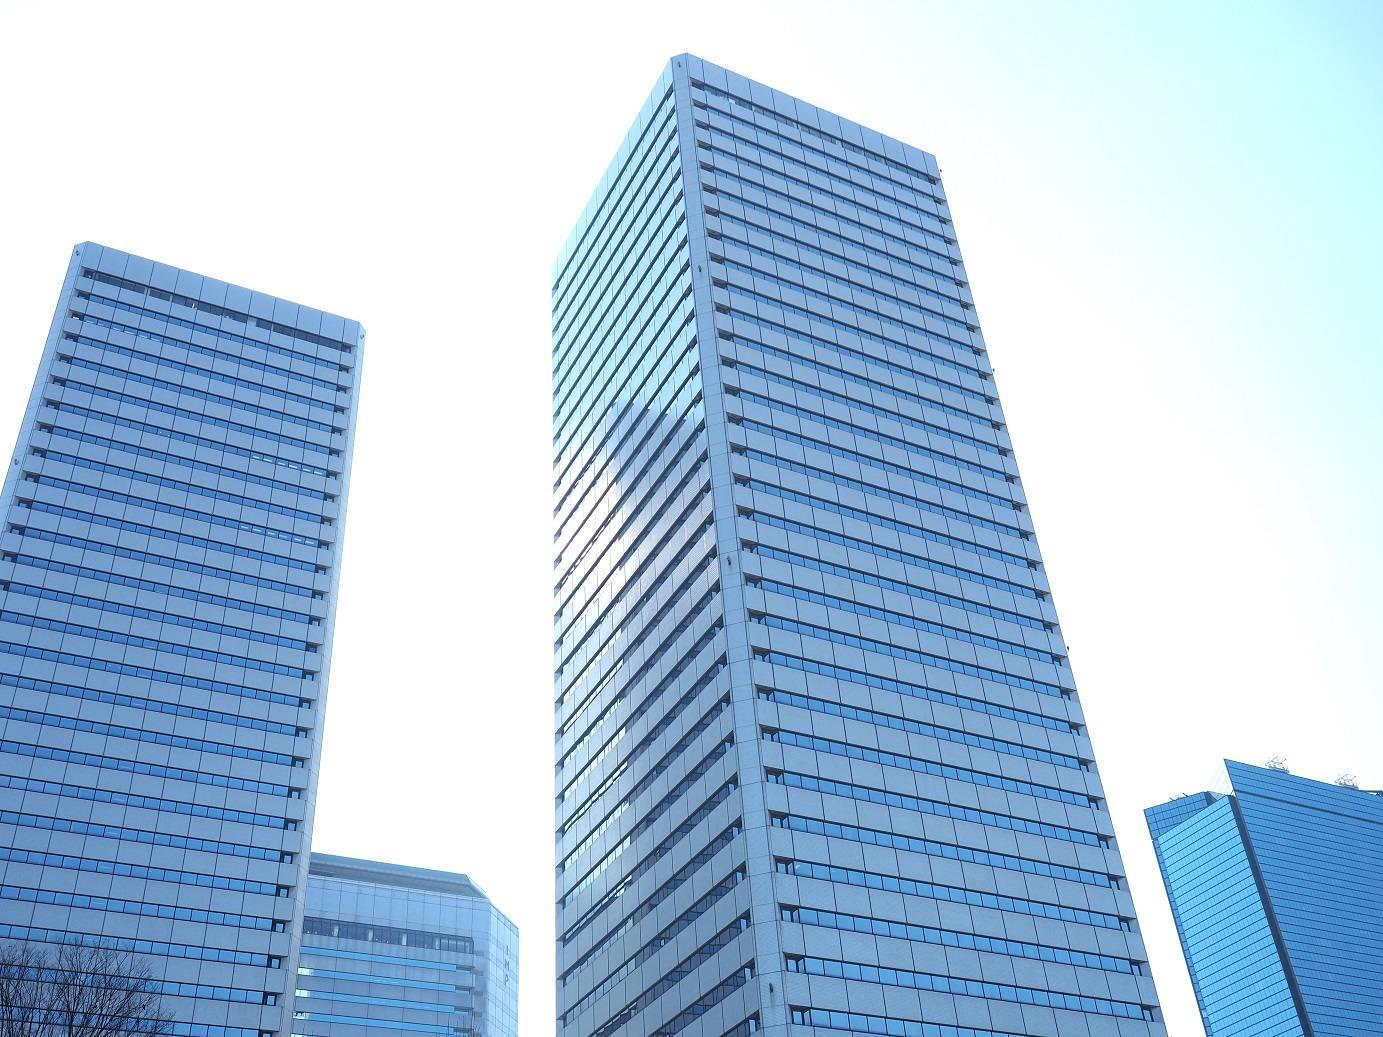 アラコム株式会社 横浜支社